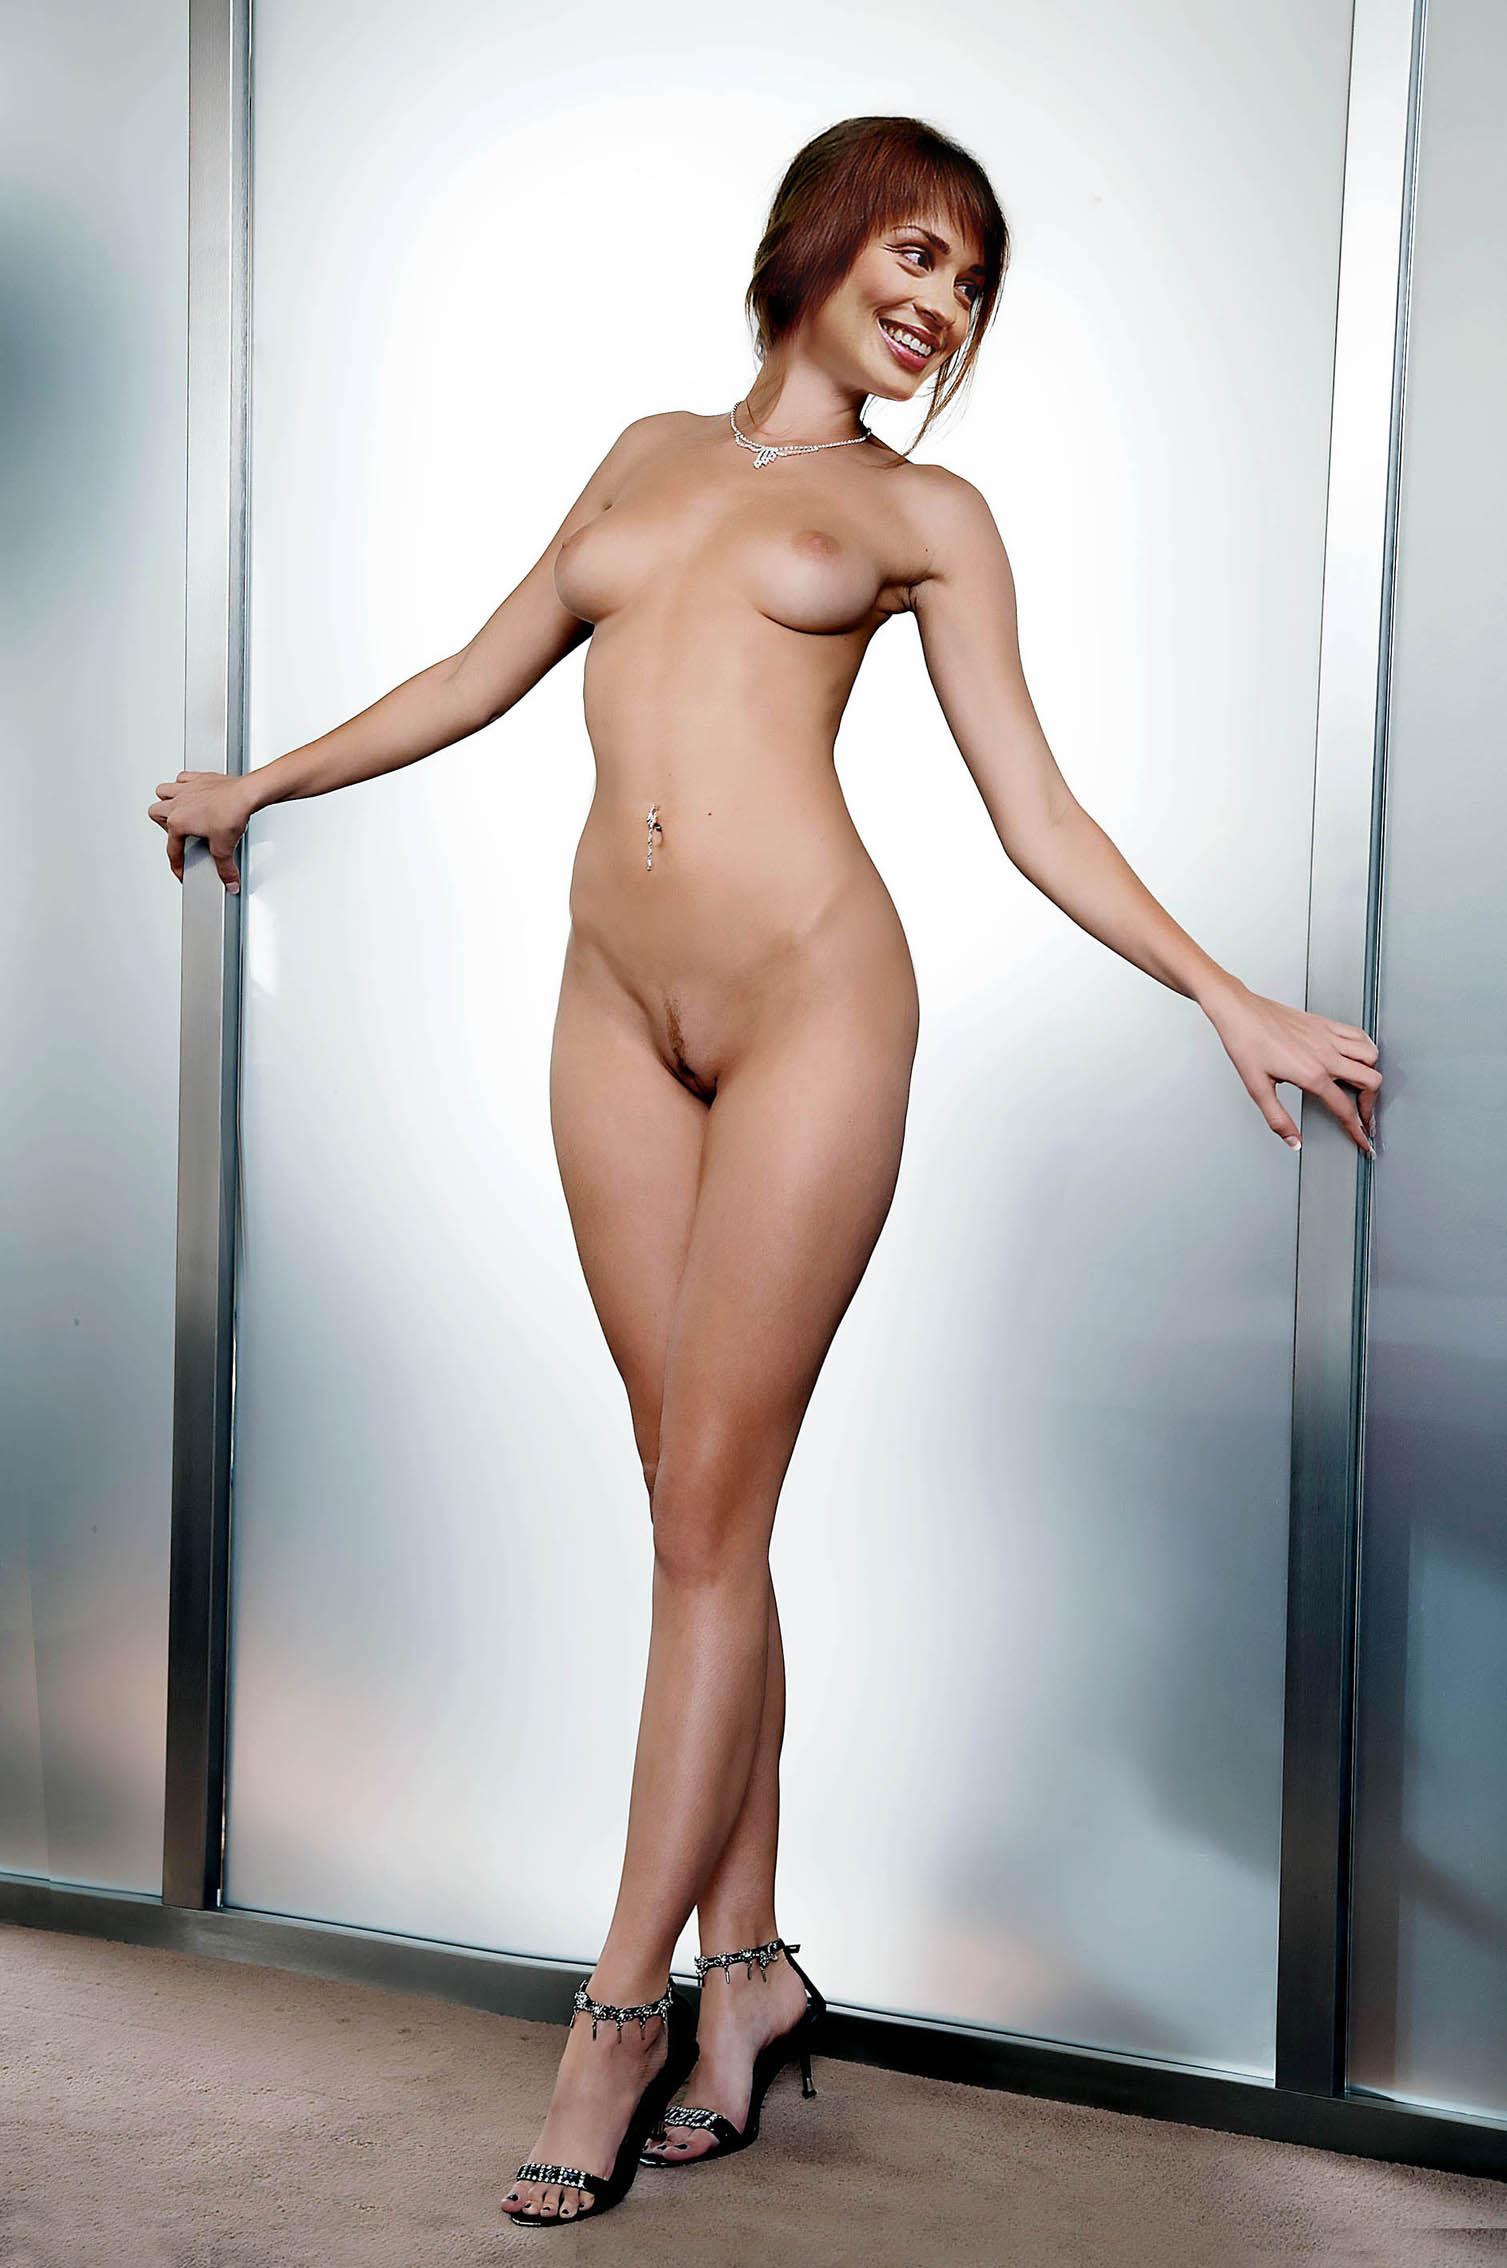 Фото голых телеведущих женщин 5 фотография